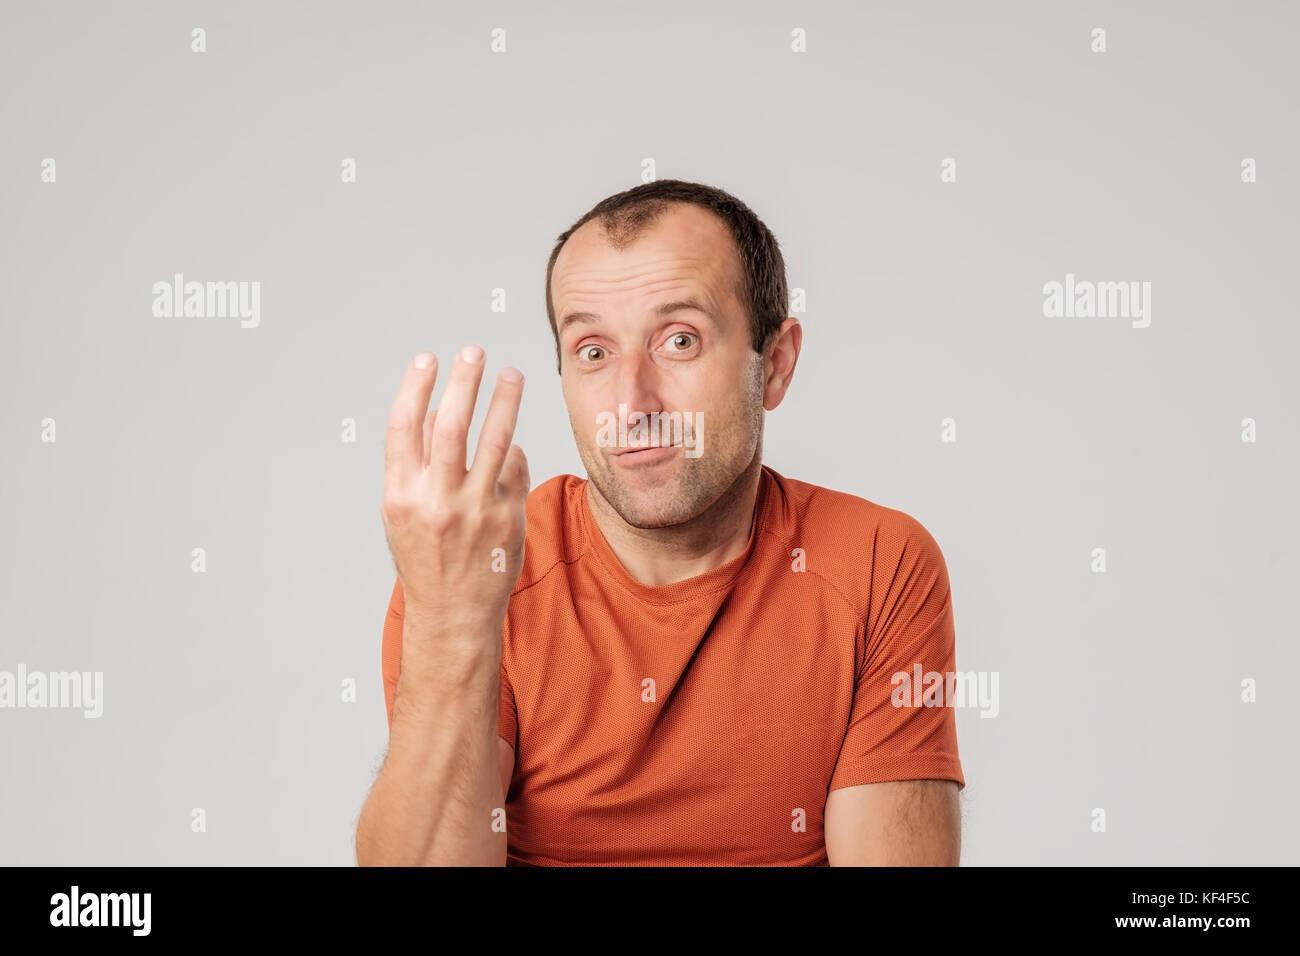 Un adulte homme espagnol dans une orange T-shirt montrant trois fongers en doute. Il regarde la caméra dans Photo Stock